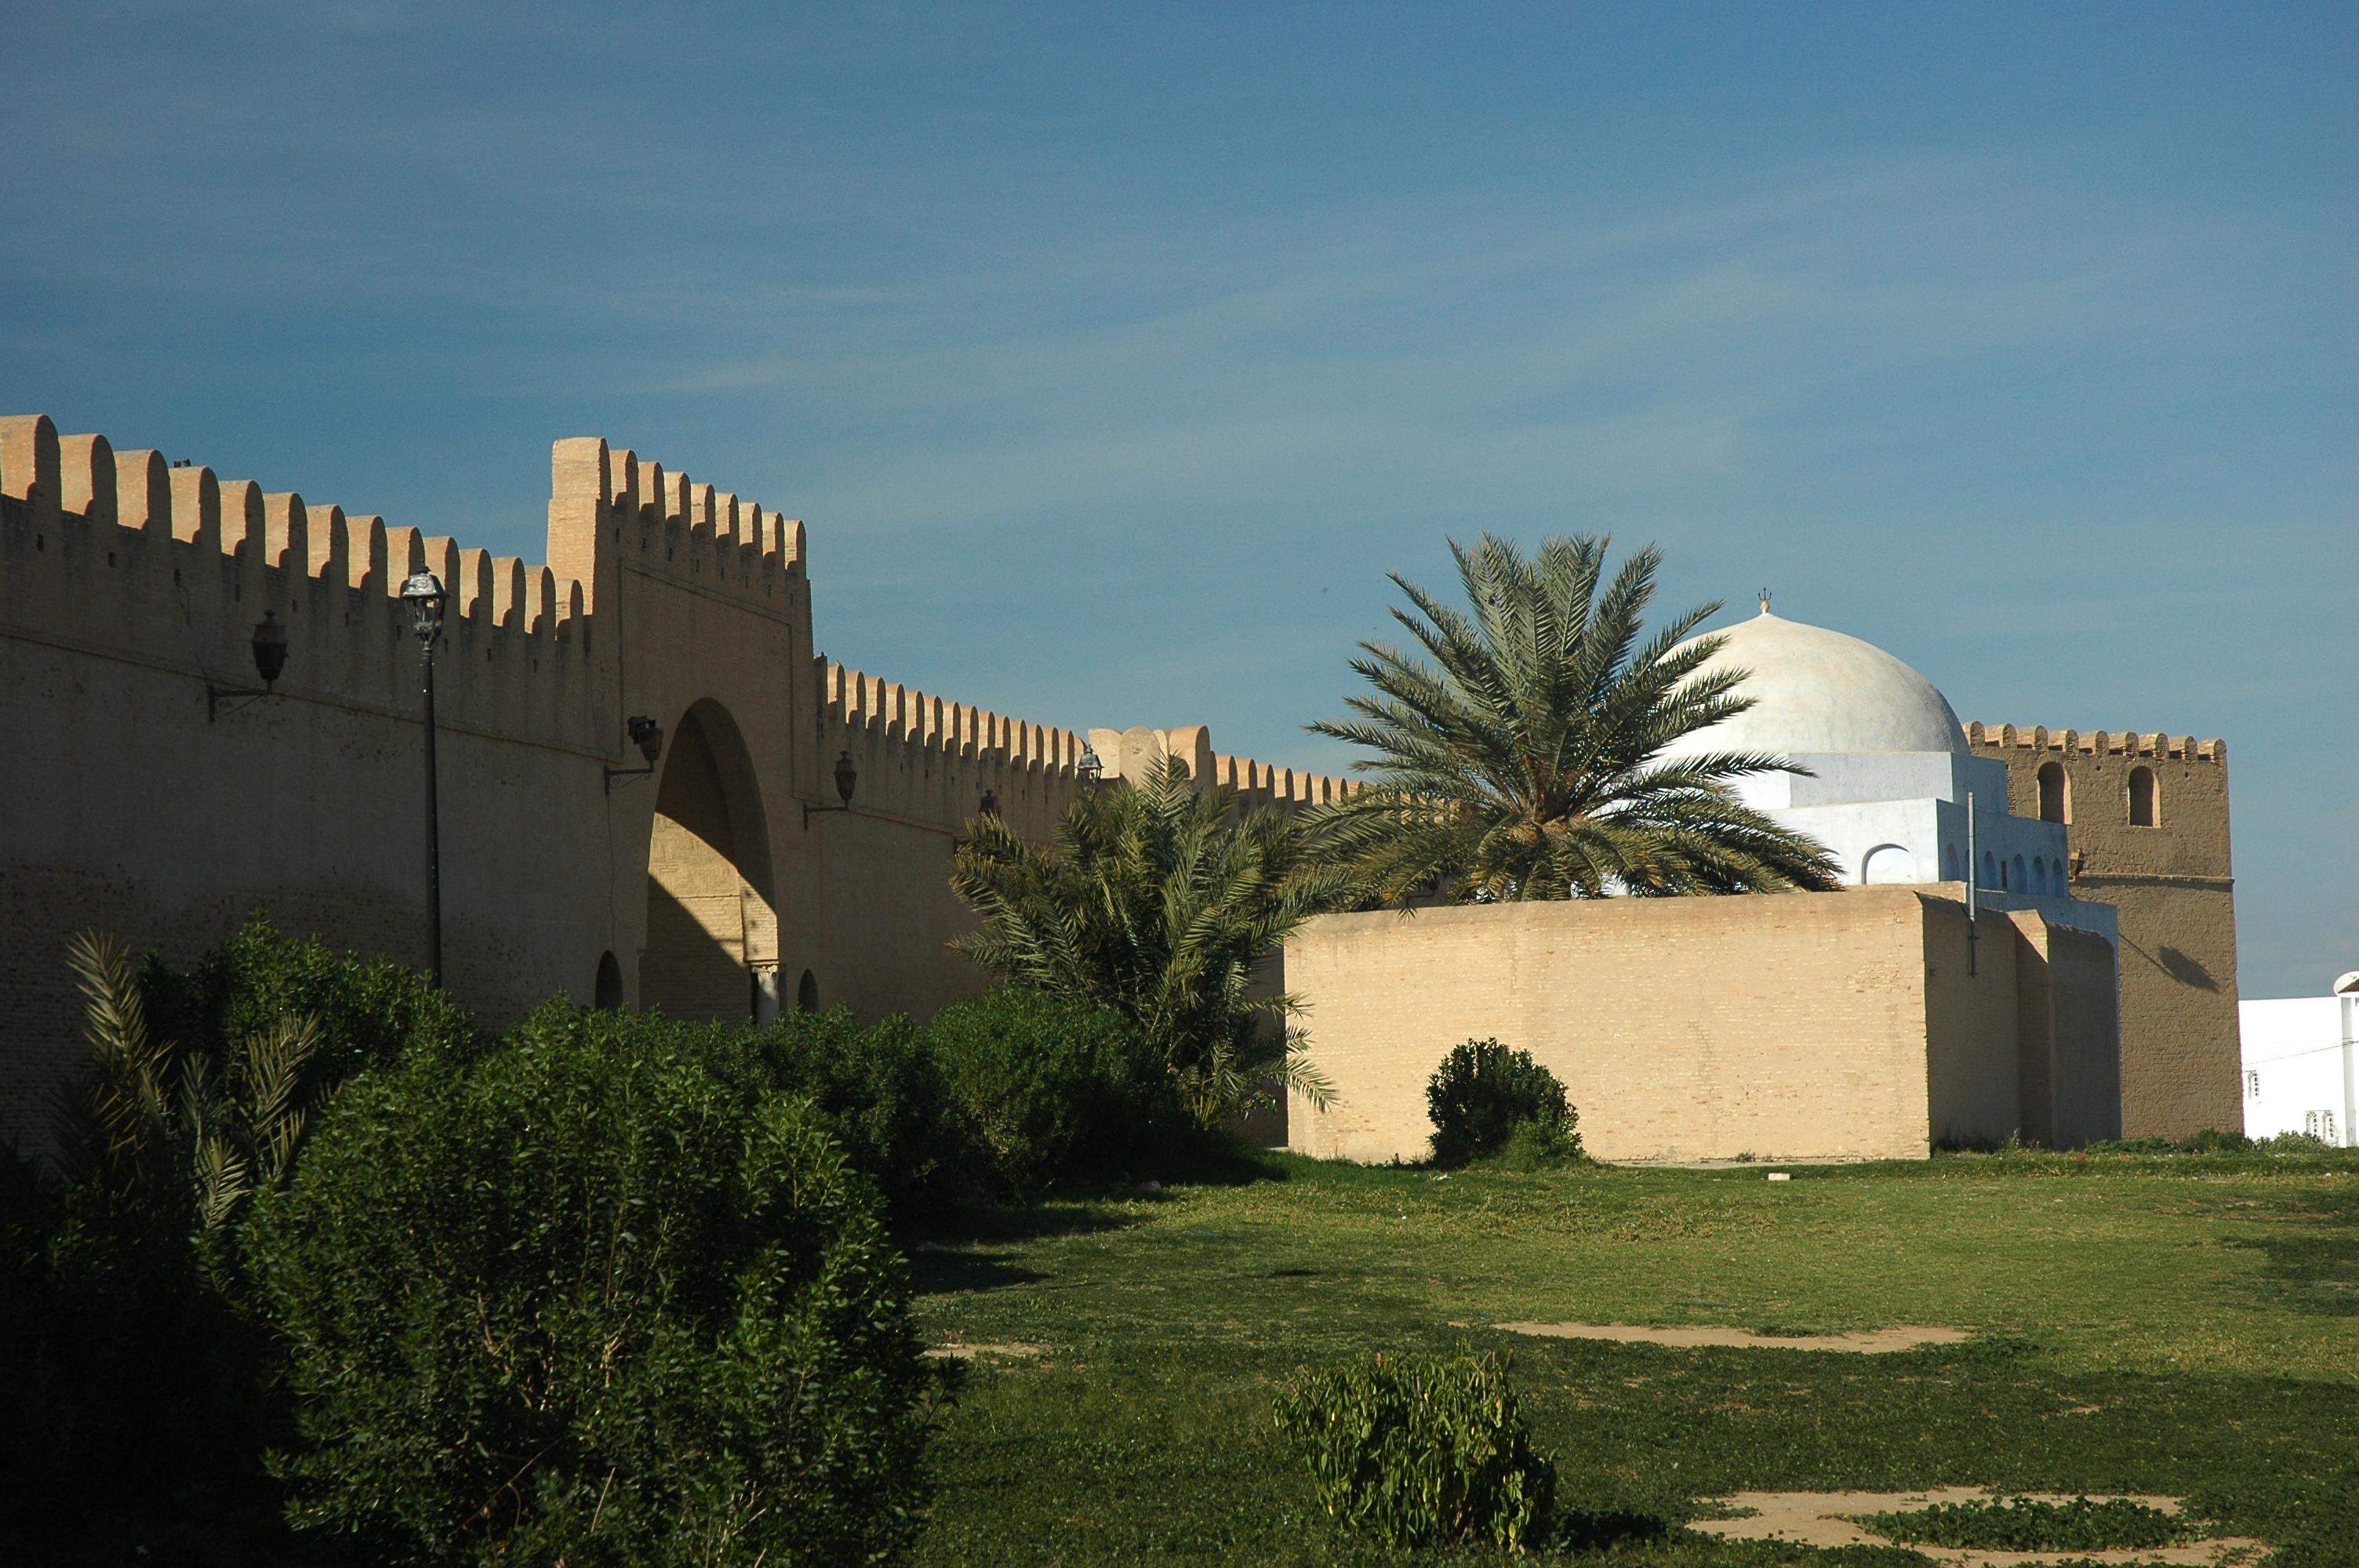 Kairouan Tunisie File:tunisie Kairouan 03.jpg